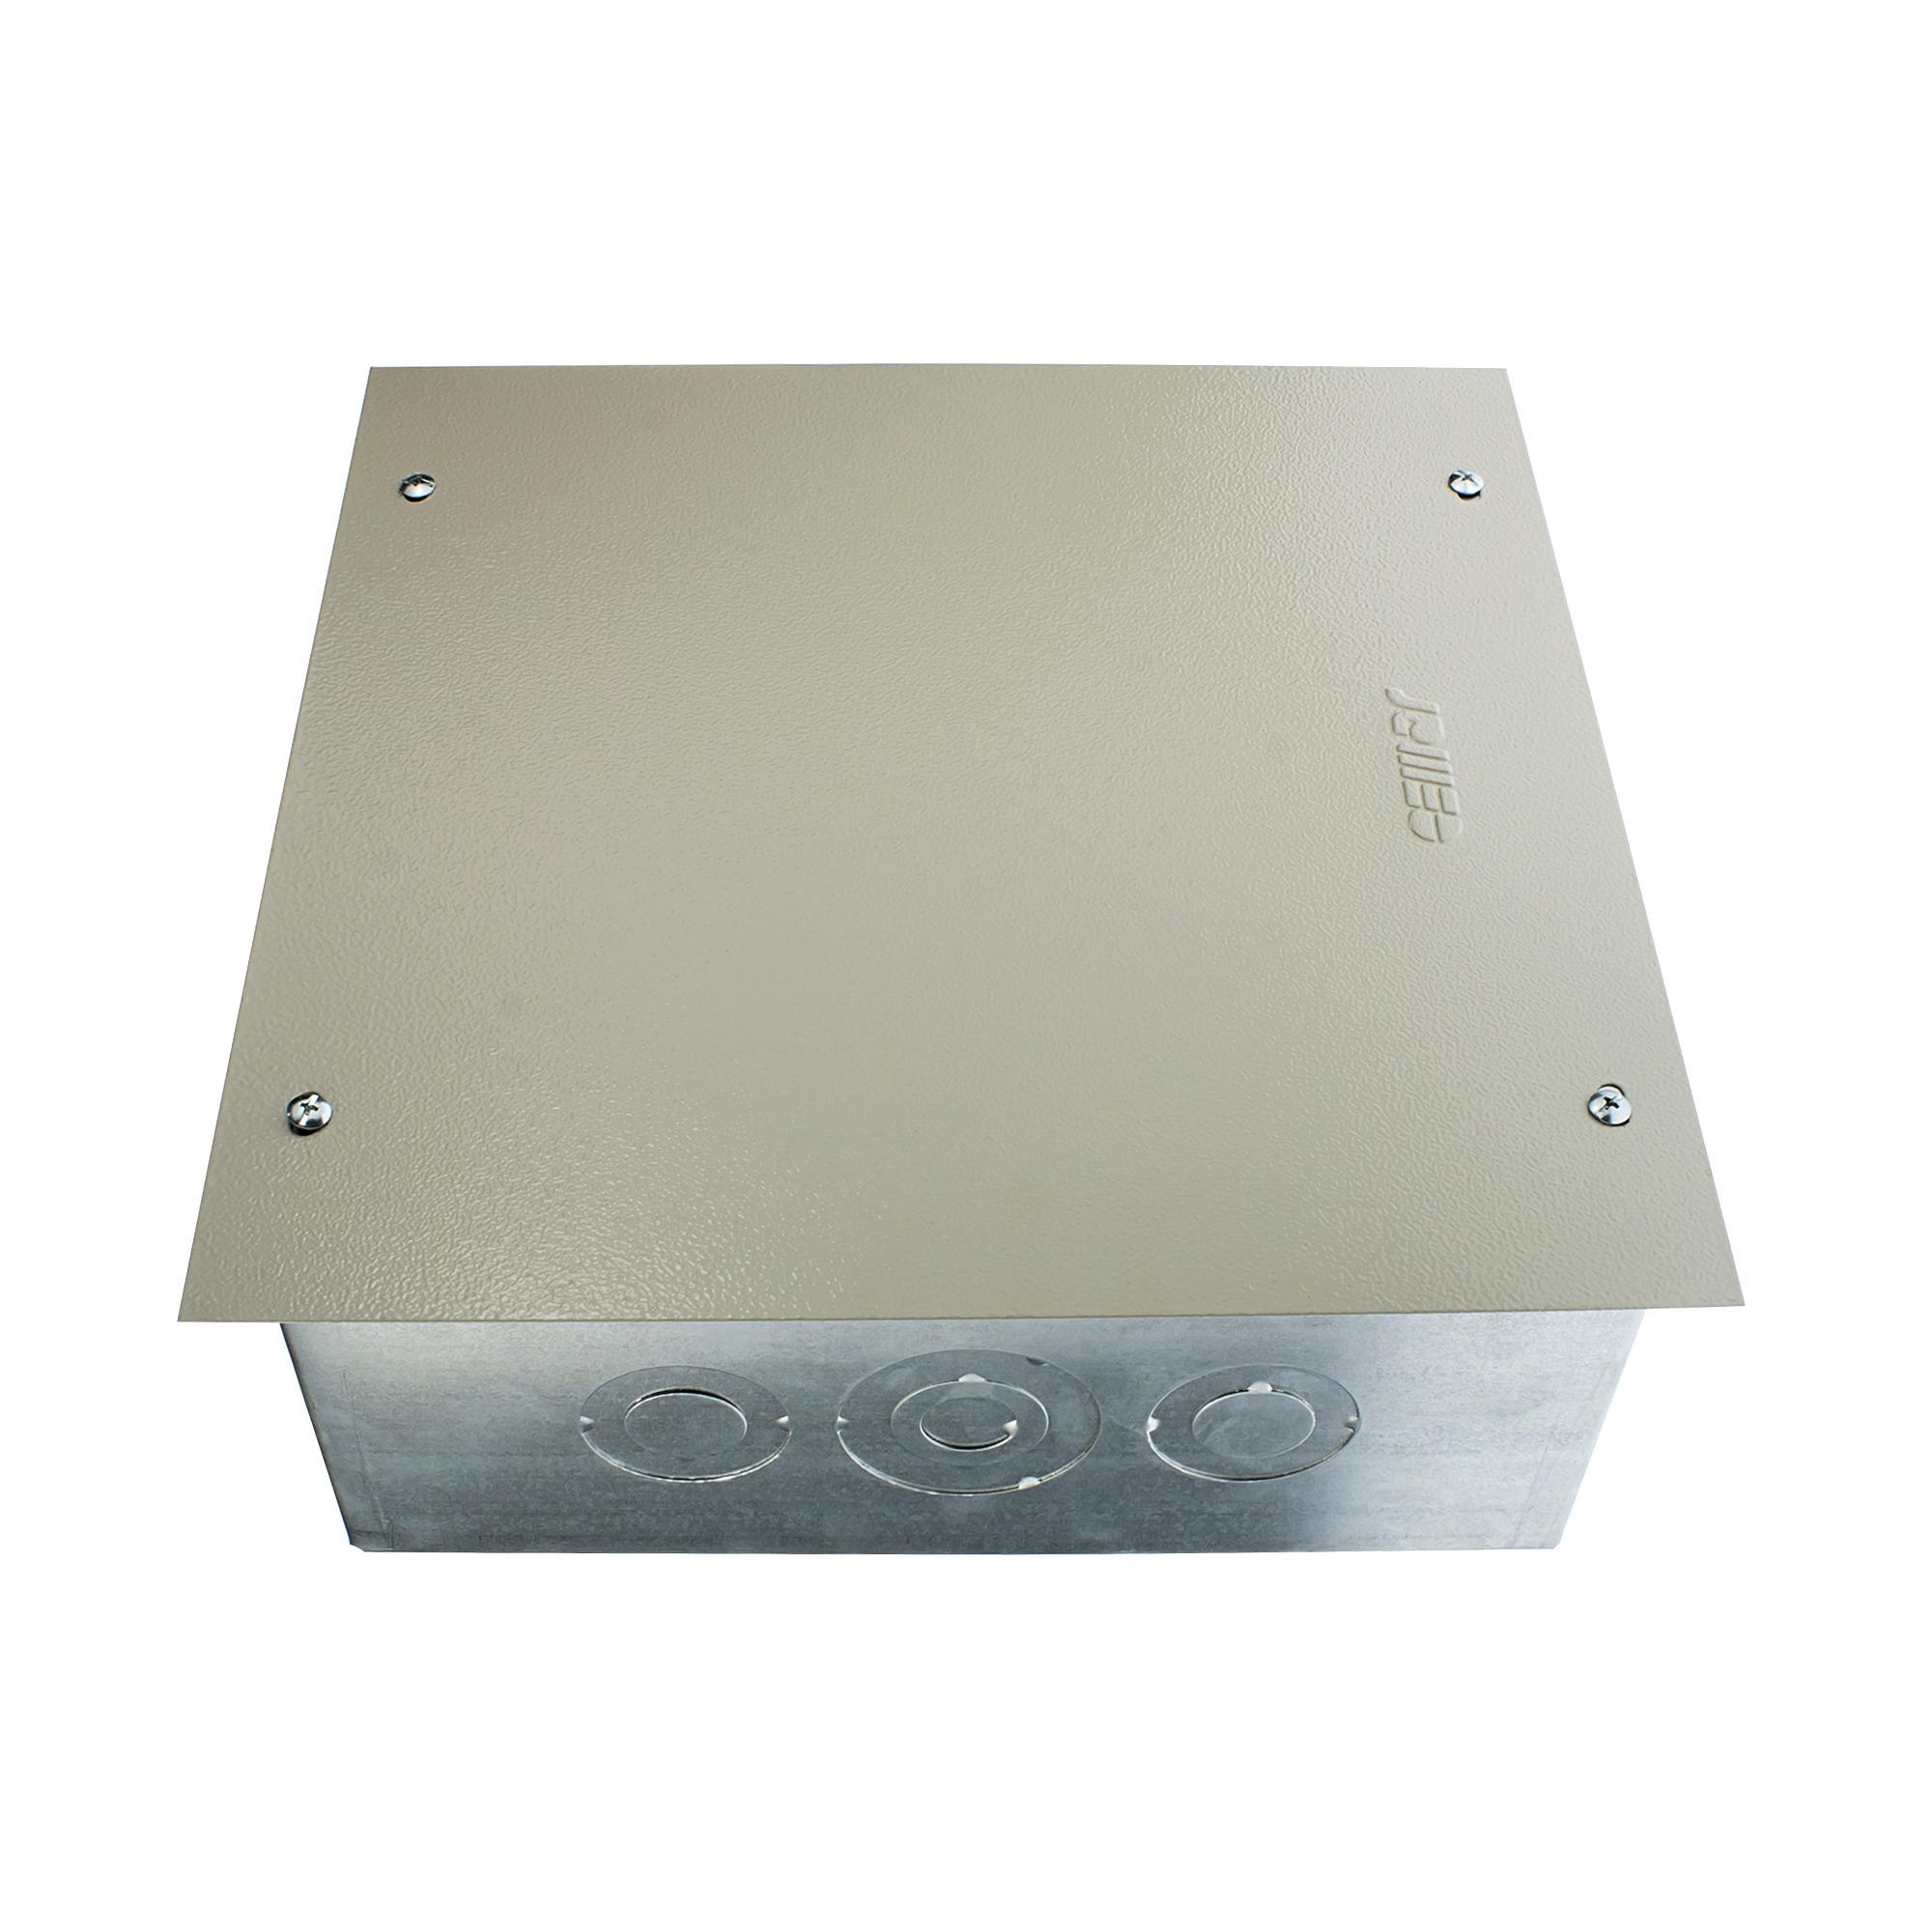 Caixa de Passagem Ferro Embutir 30x30x12cm CPE30 - Cemar